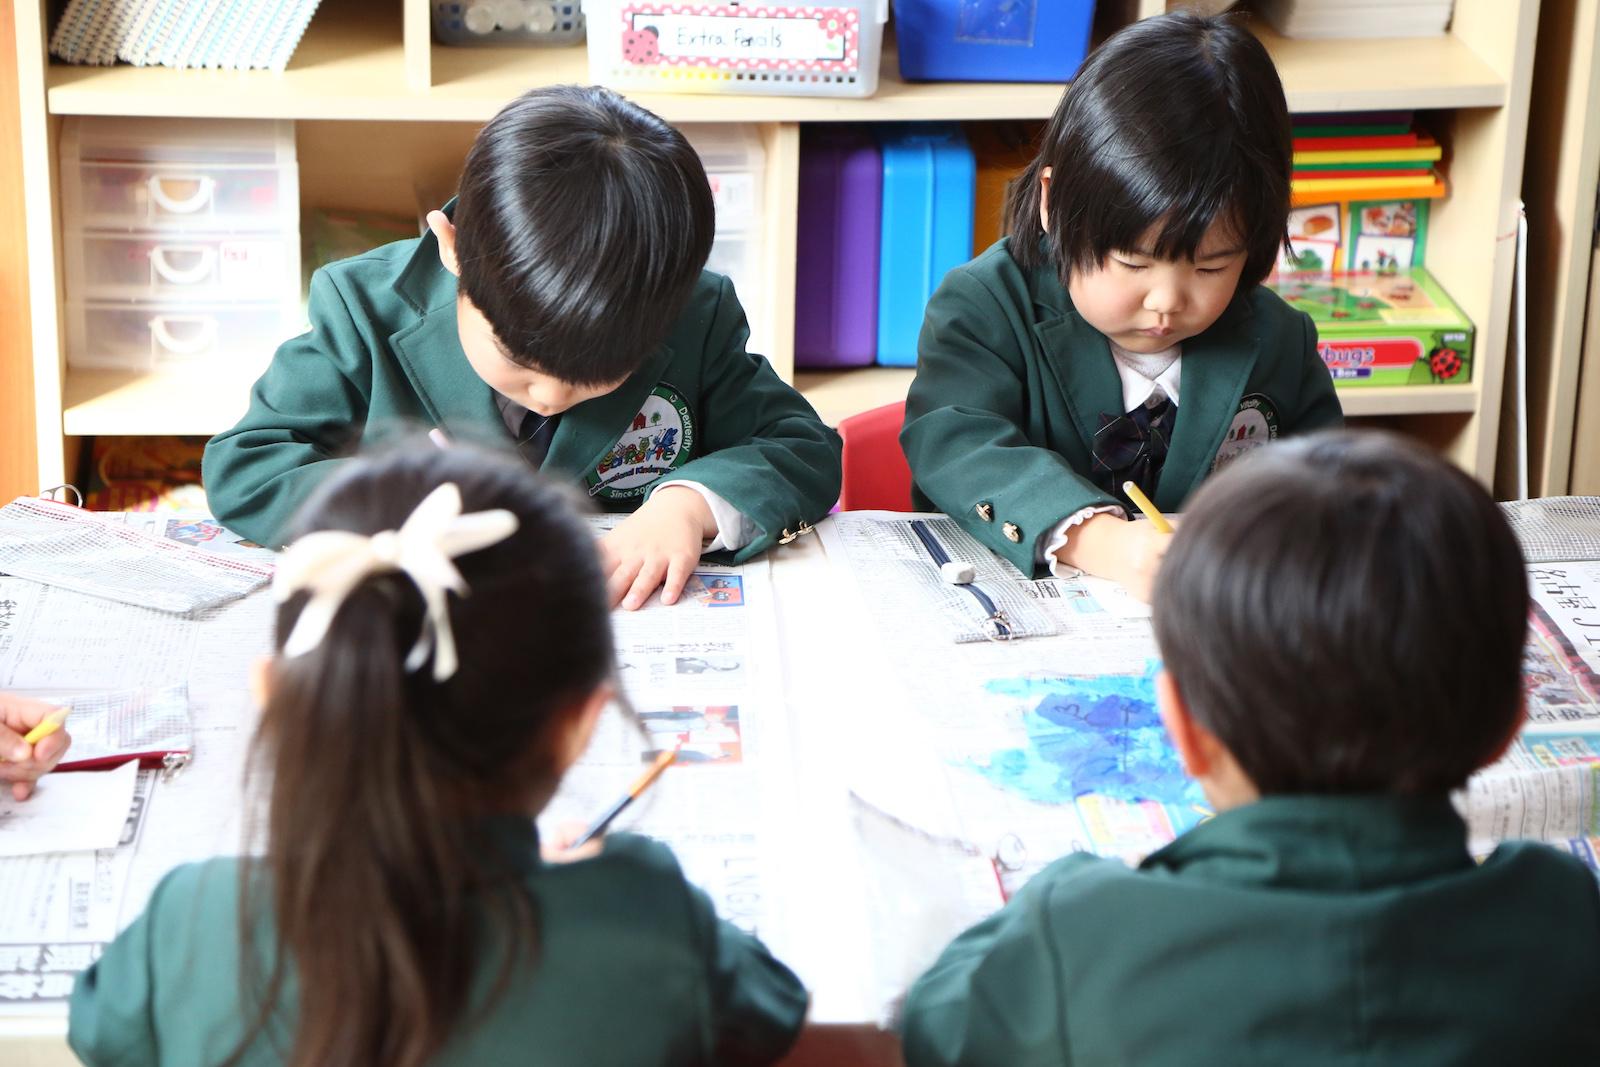 ラポルトインターナショナルスクール/La Porte International School